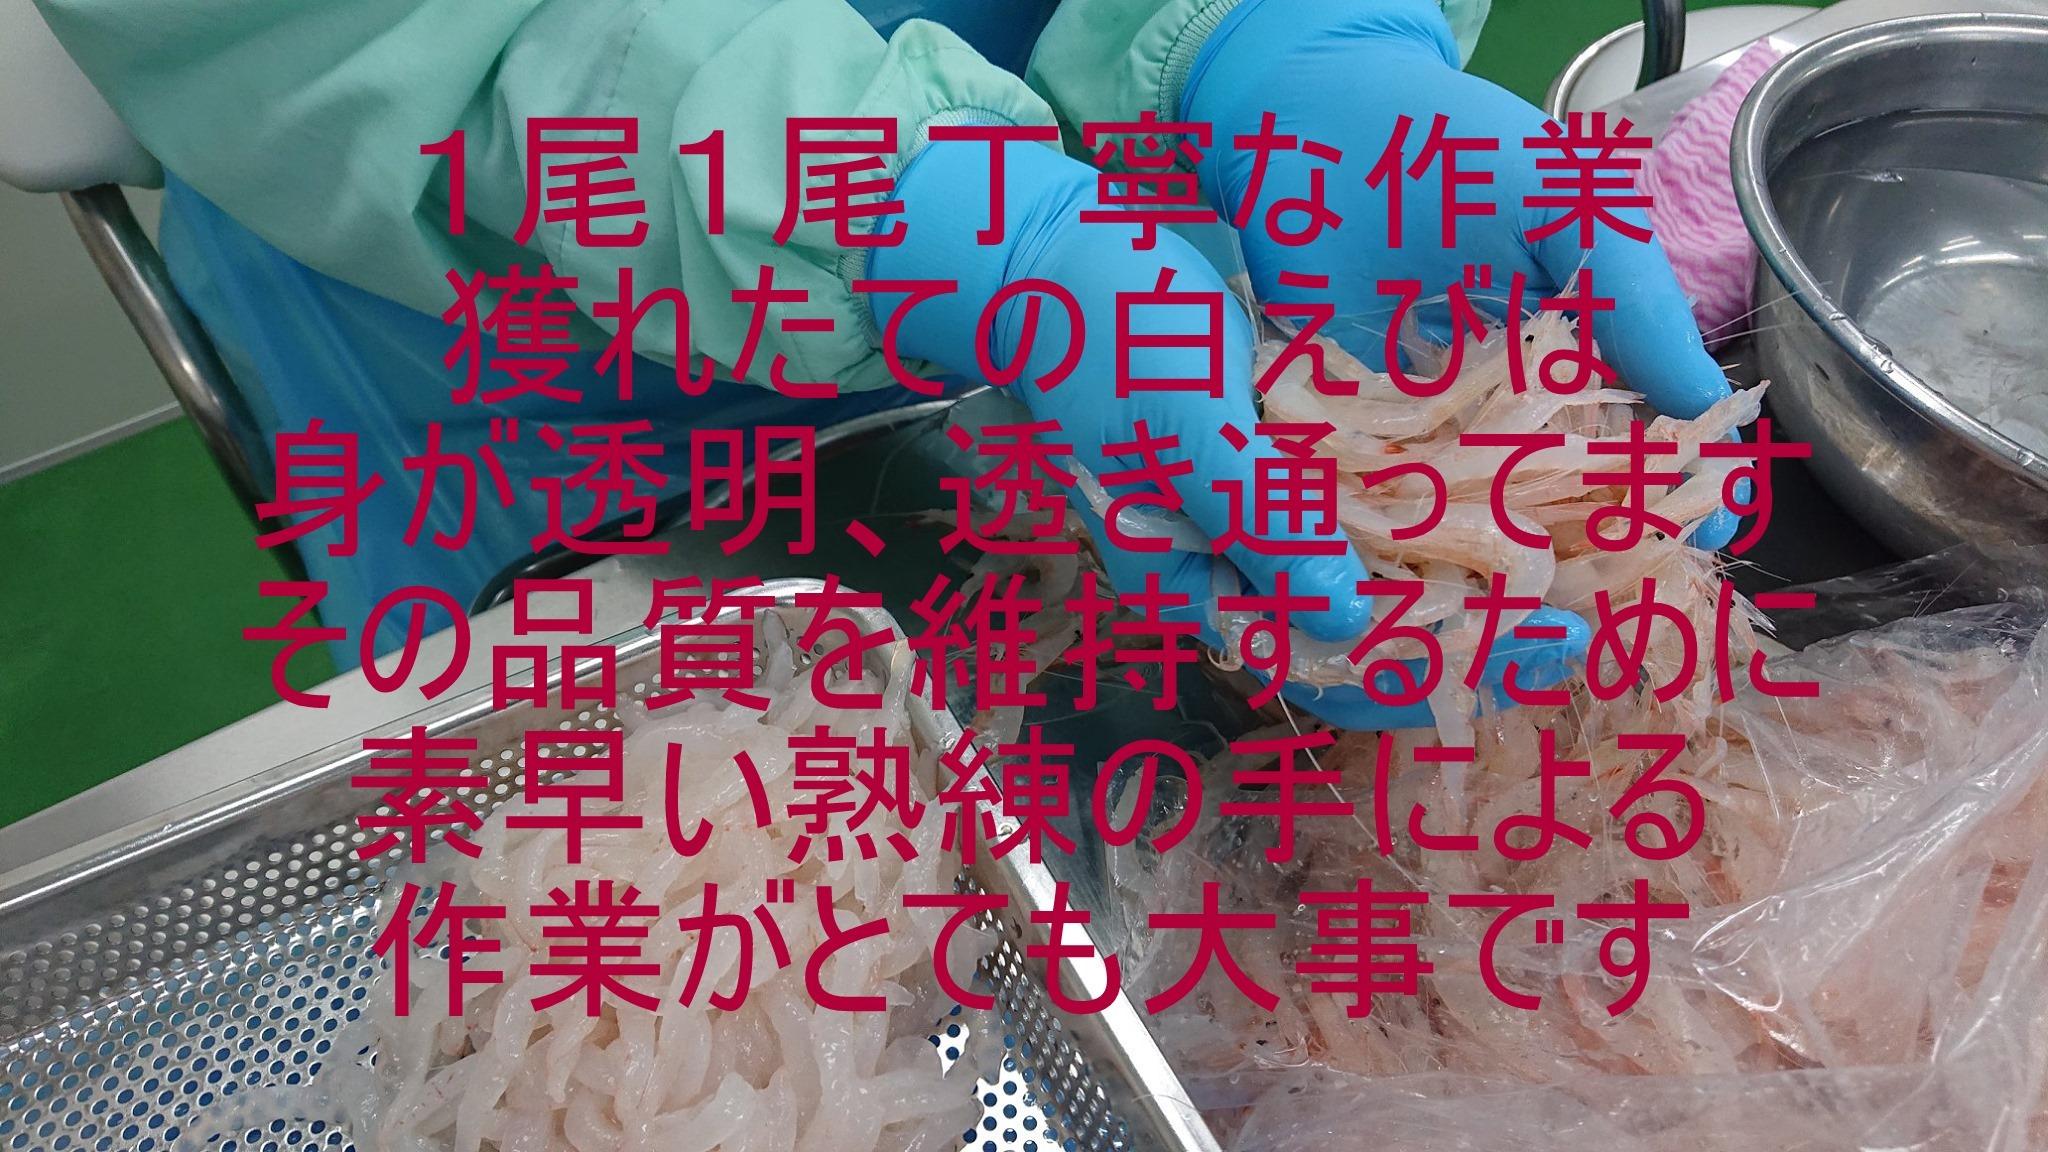 【一般のお客様大歓迎】231 富山湾産白えび刺身(冷凍) ミシュラン星付店御用達 最高級手剥き品  業務用200gP